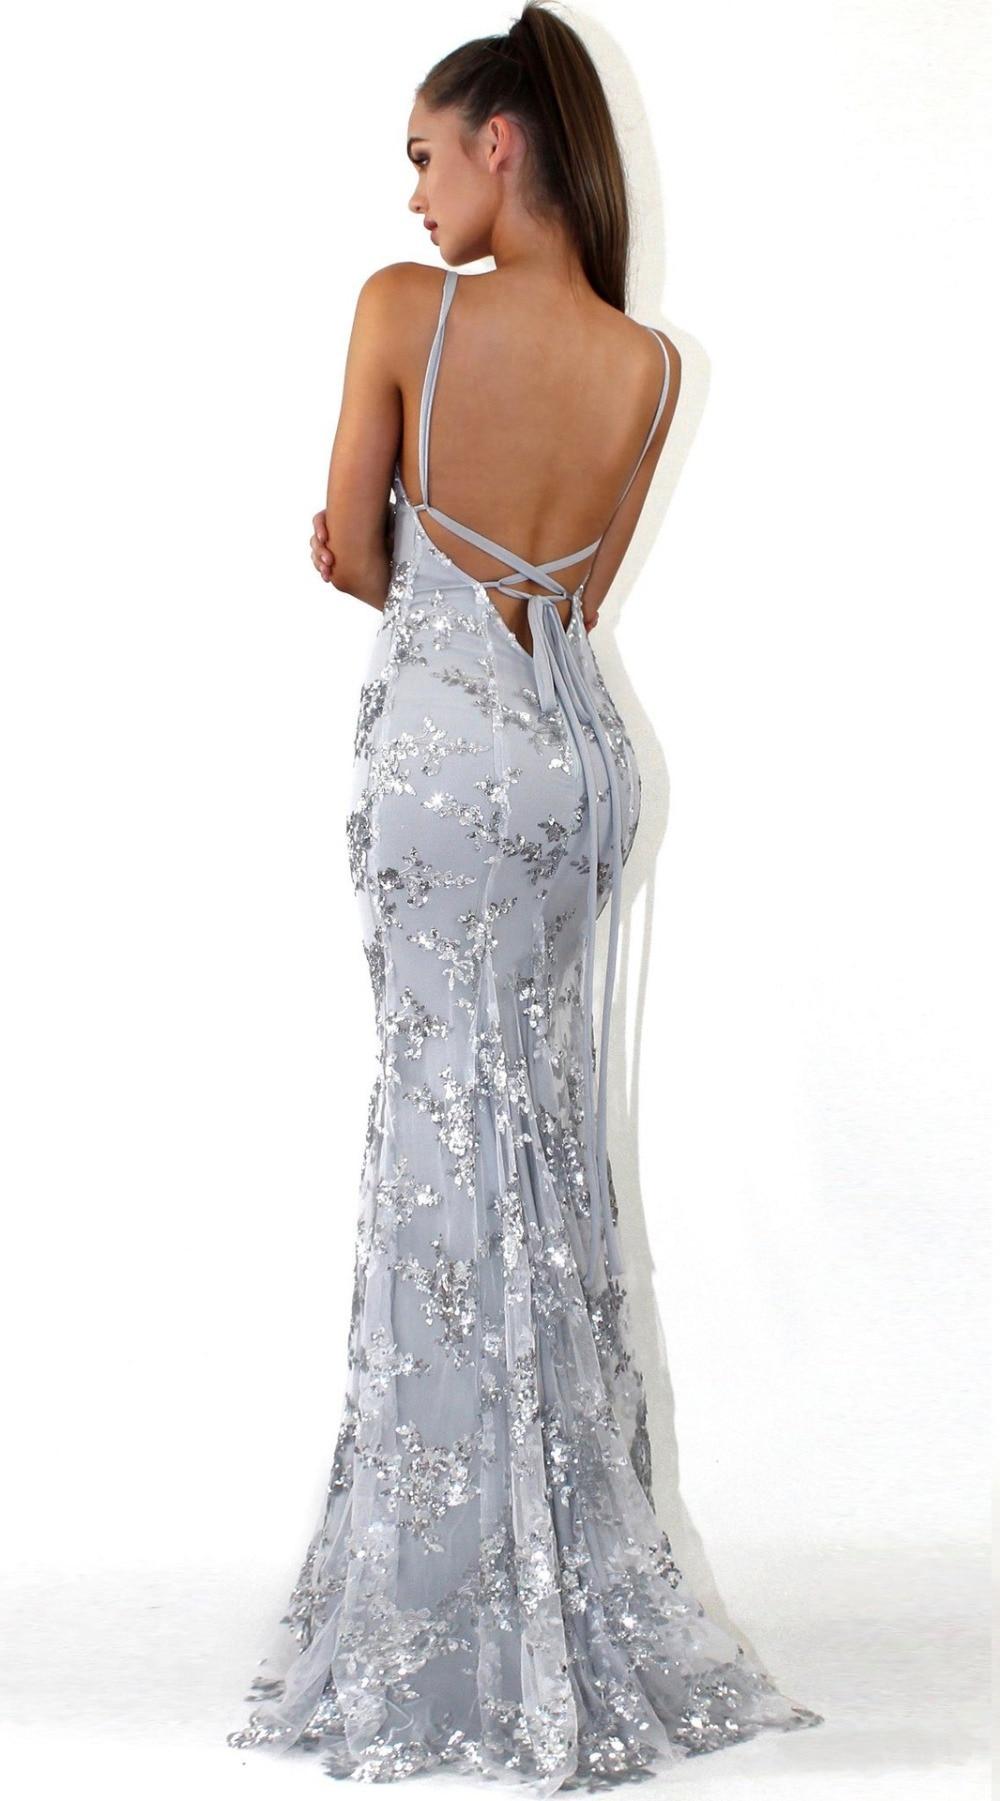 Sexy Party Dress Sleeveless Straps Glitter Sequins Backless Long Dress Women Maxi Dress 12